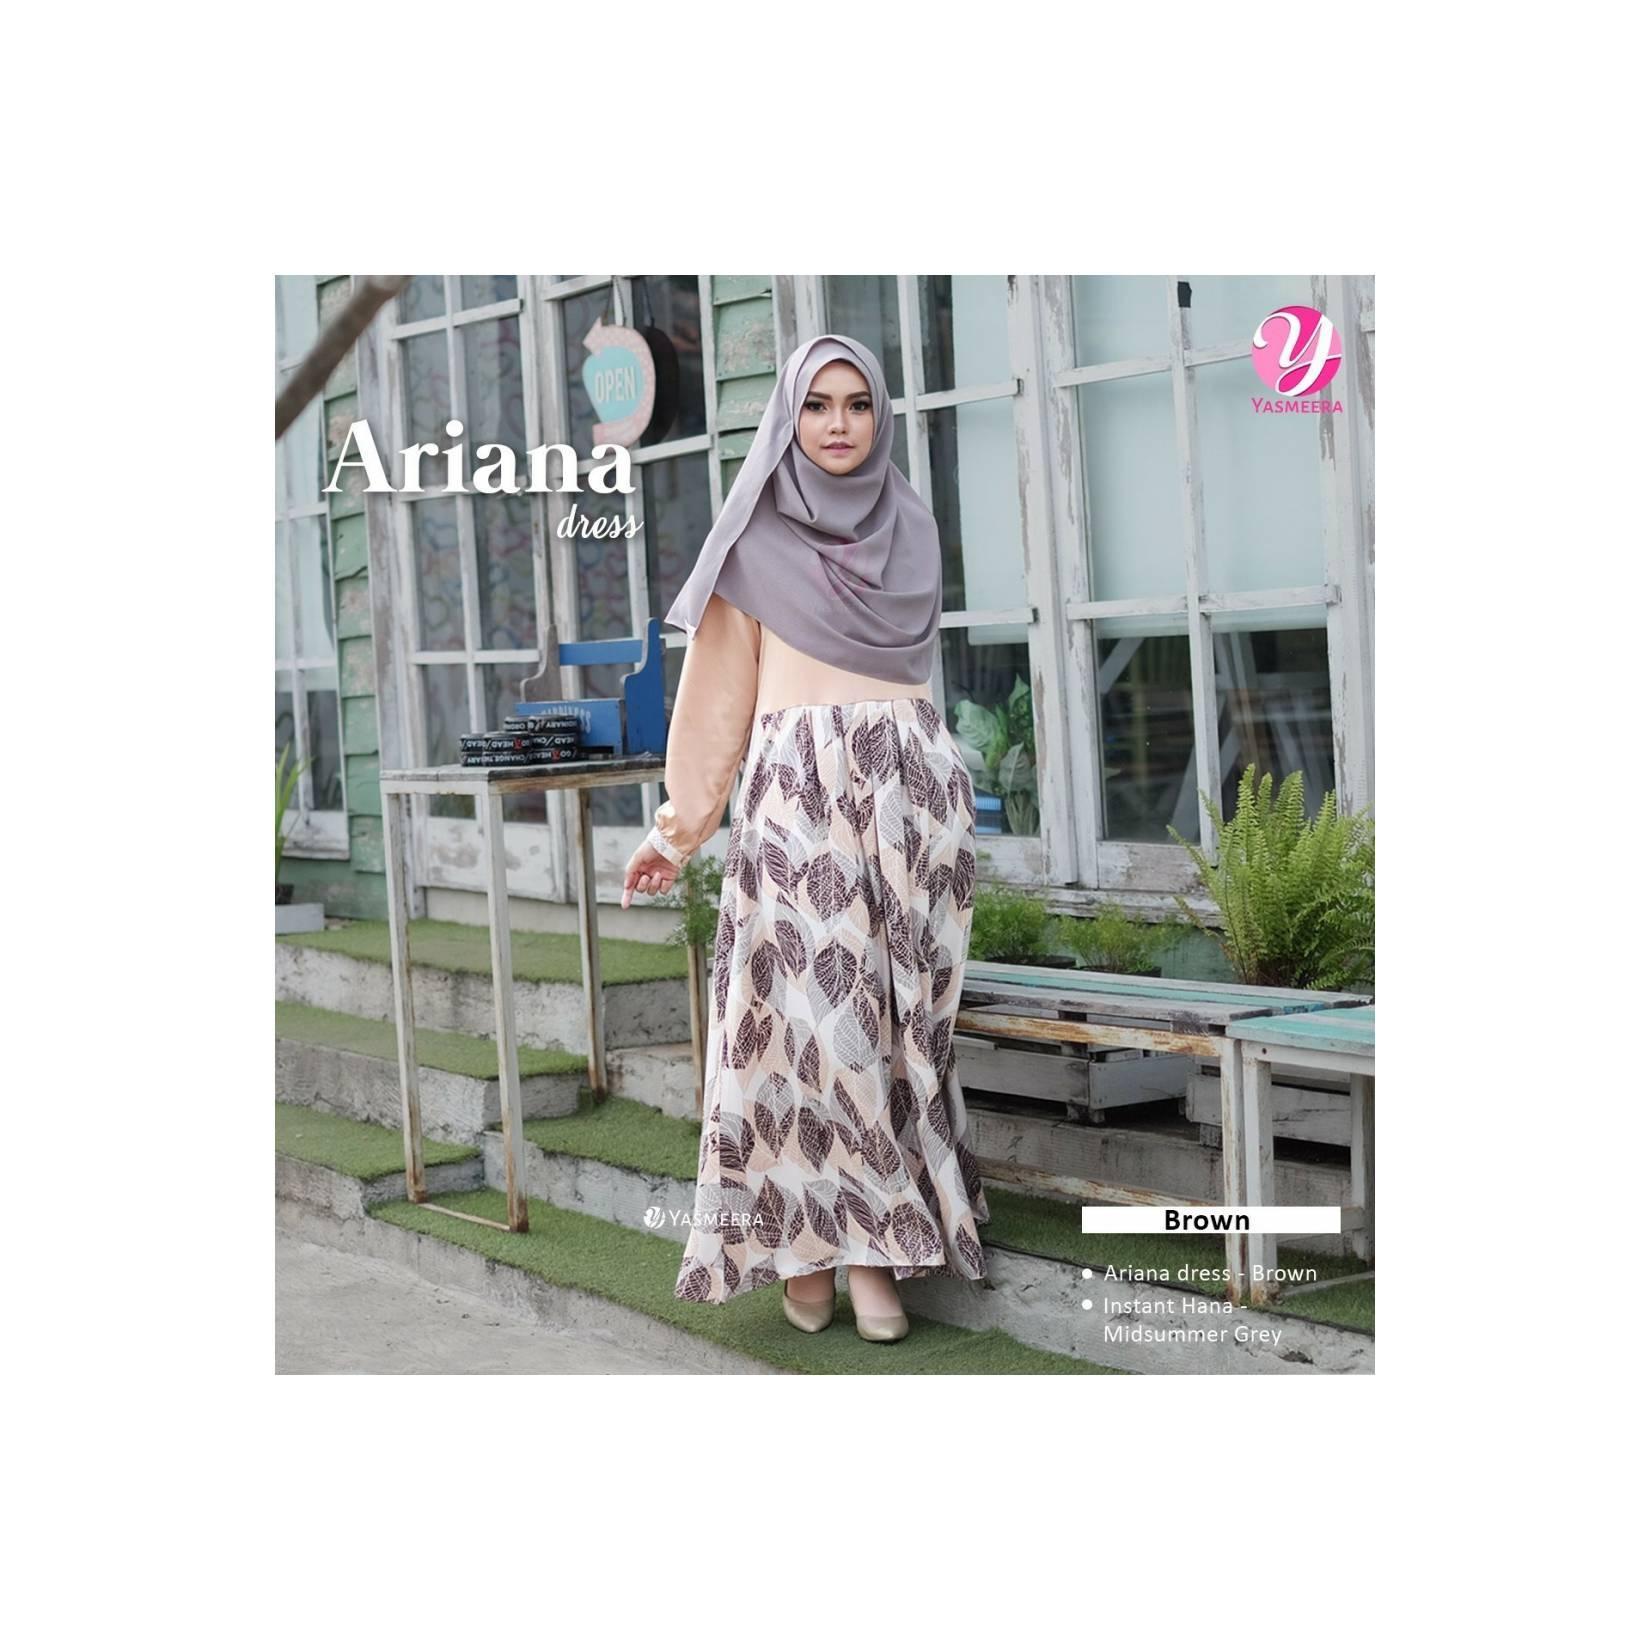 Gamis SET Ariana Dress BROWN by Yasmeera bahan Maxmara royal satin